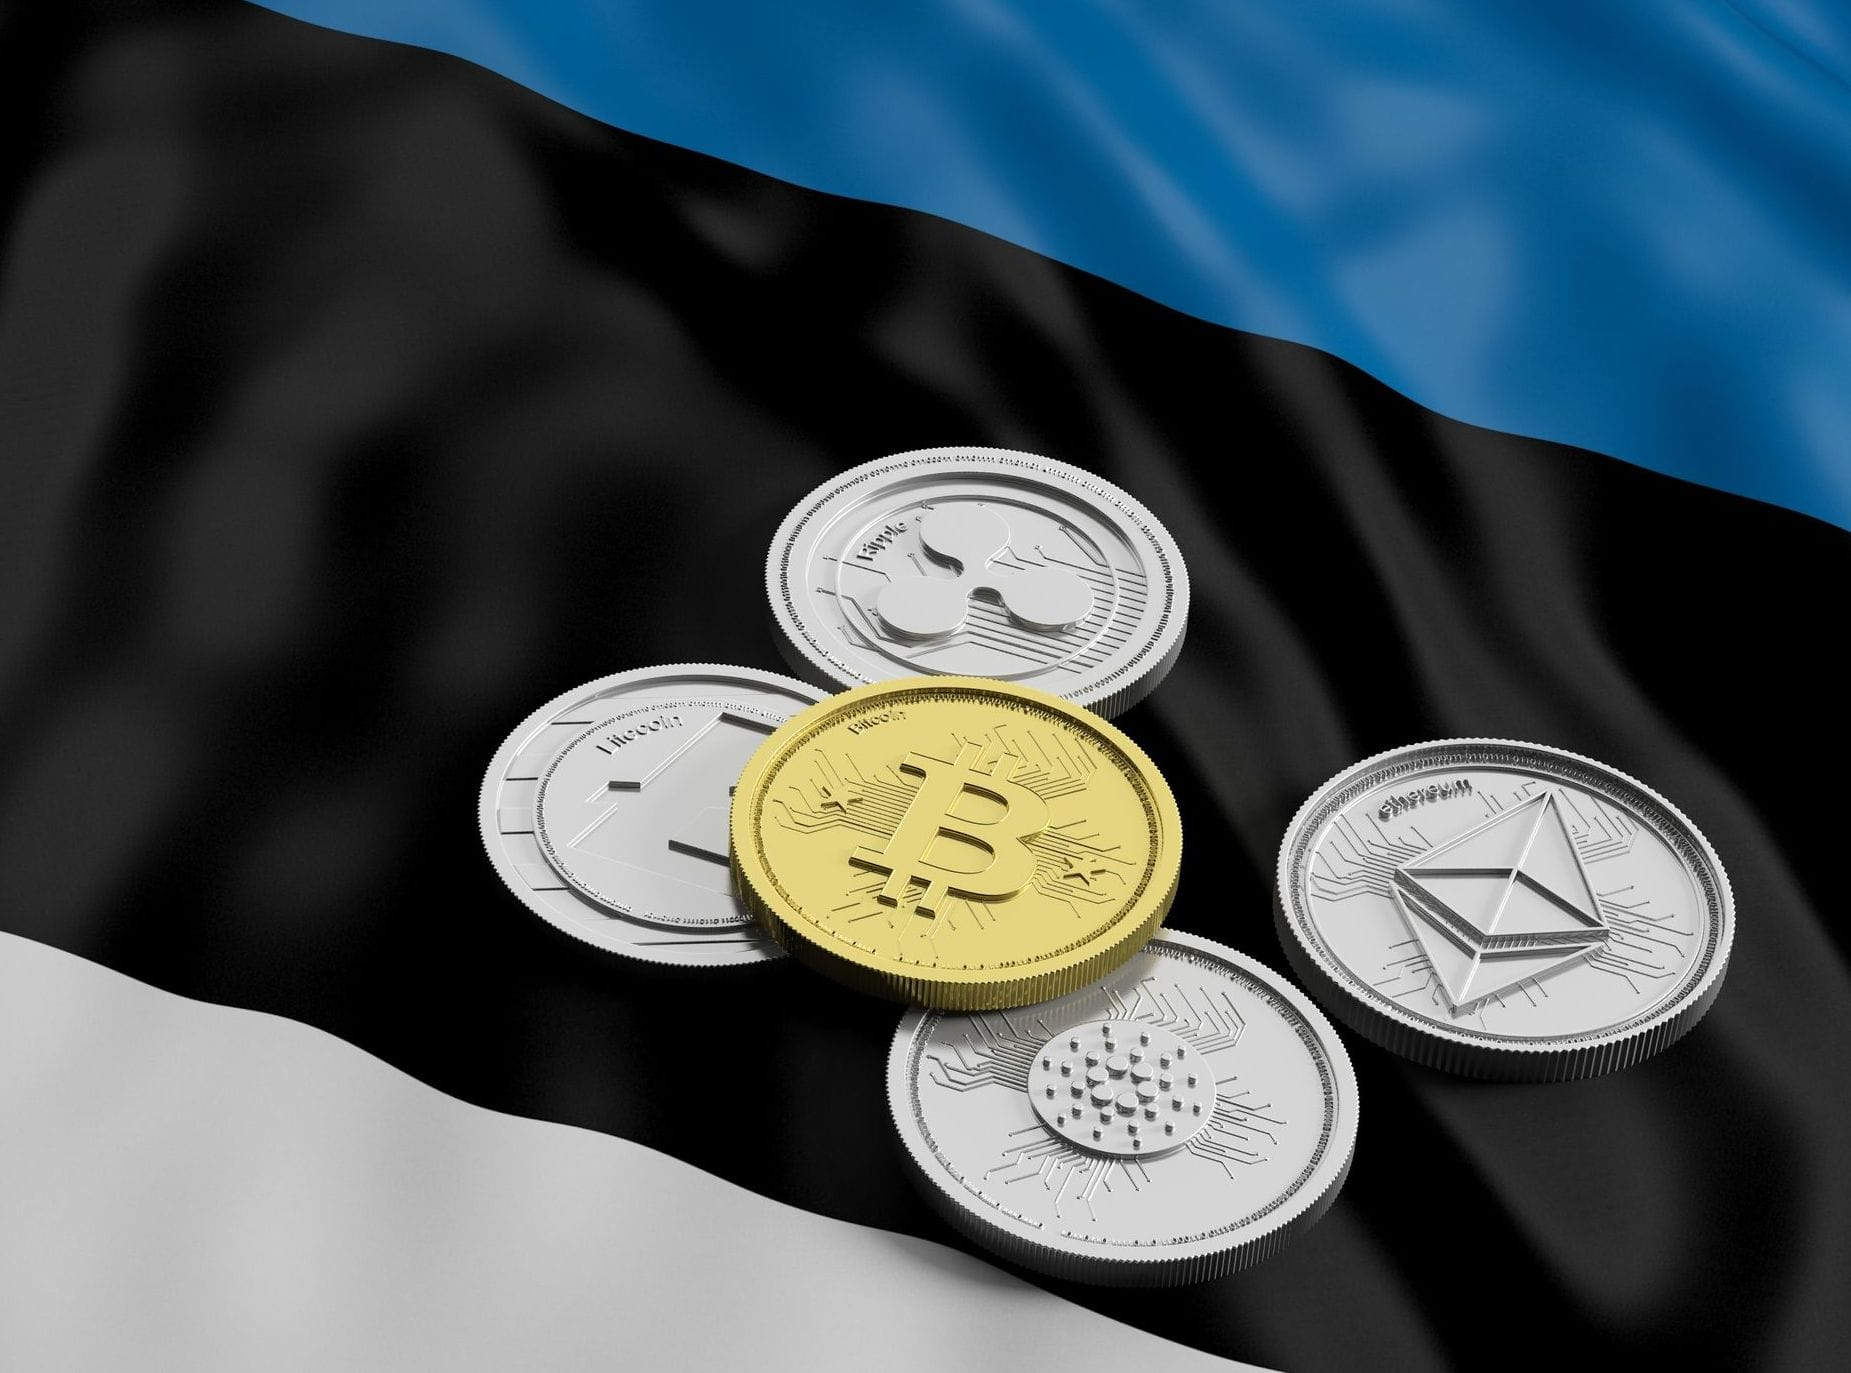 Екатерина Богатова - Лицензионный контроль криптовалютных обменников в Эстонии.